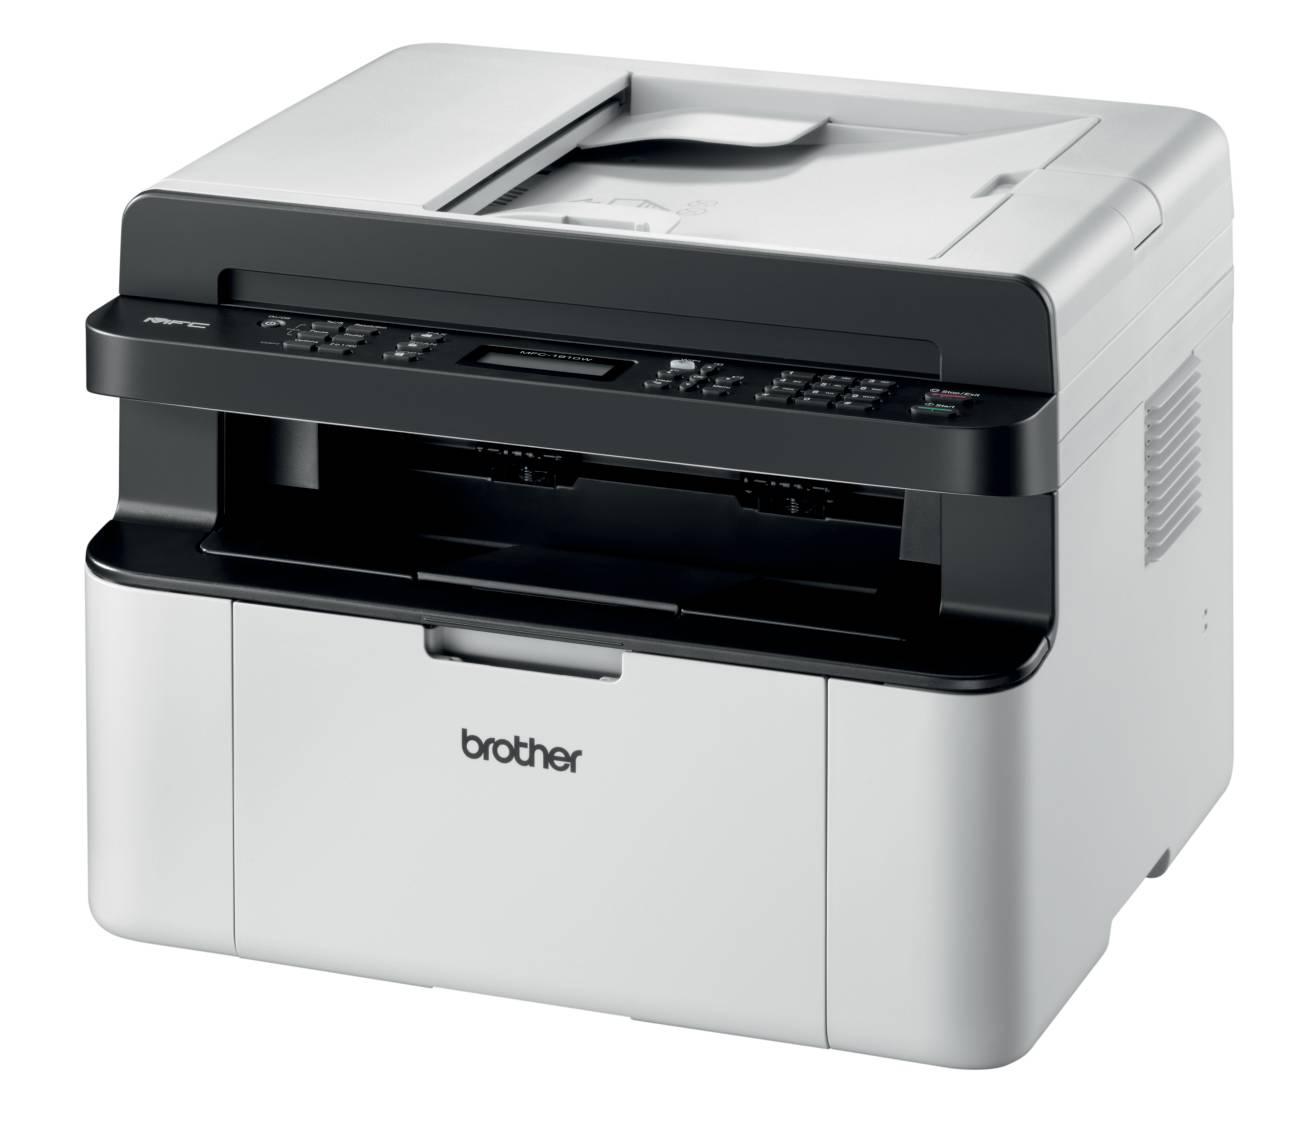 Brother MFC-1910WE tiskárna GDI/kopírka/skener/fax, USB, WiFi, ADF